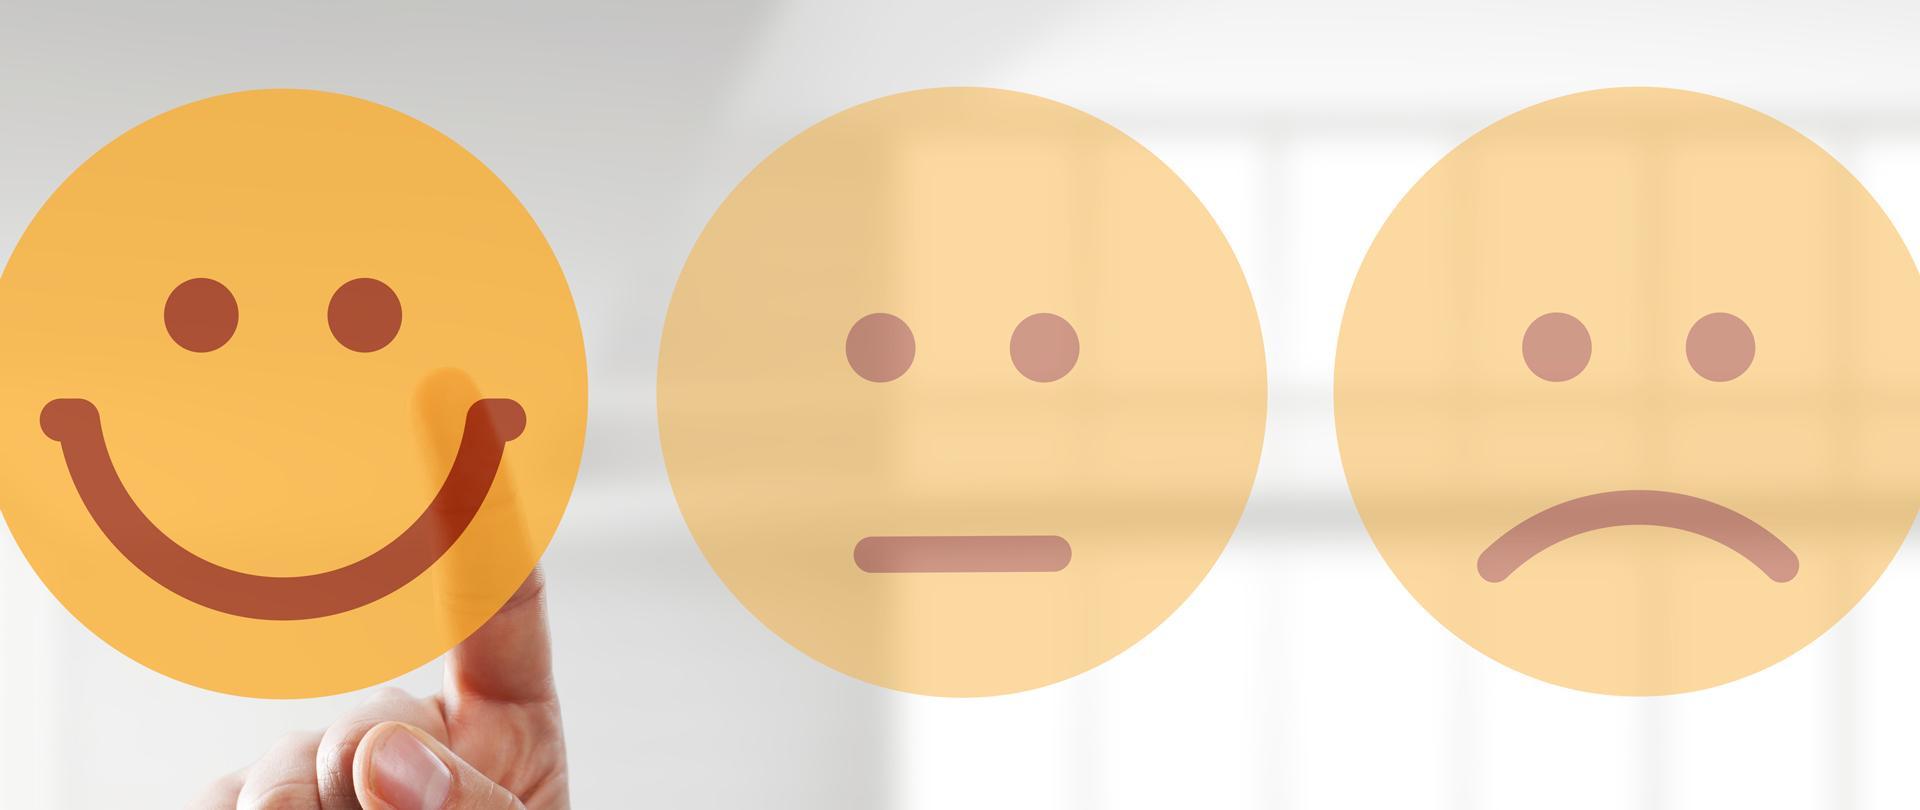 Drei Smileys zum auswählen.